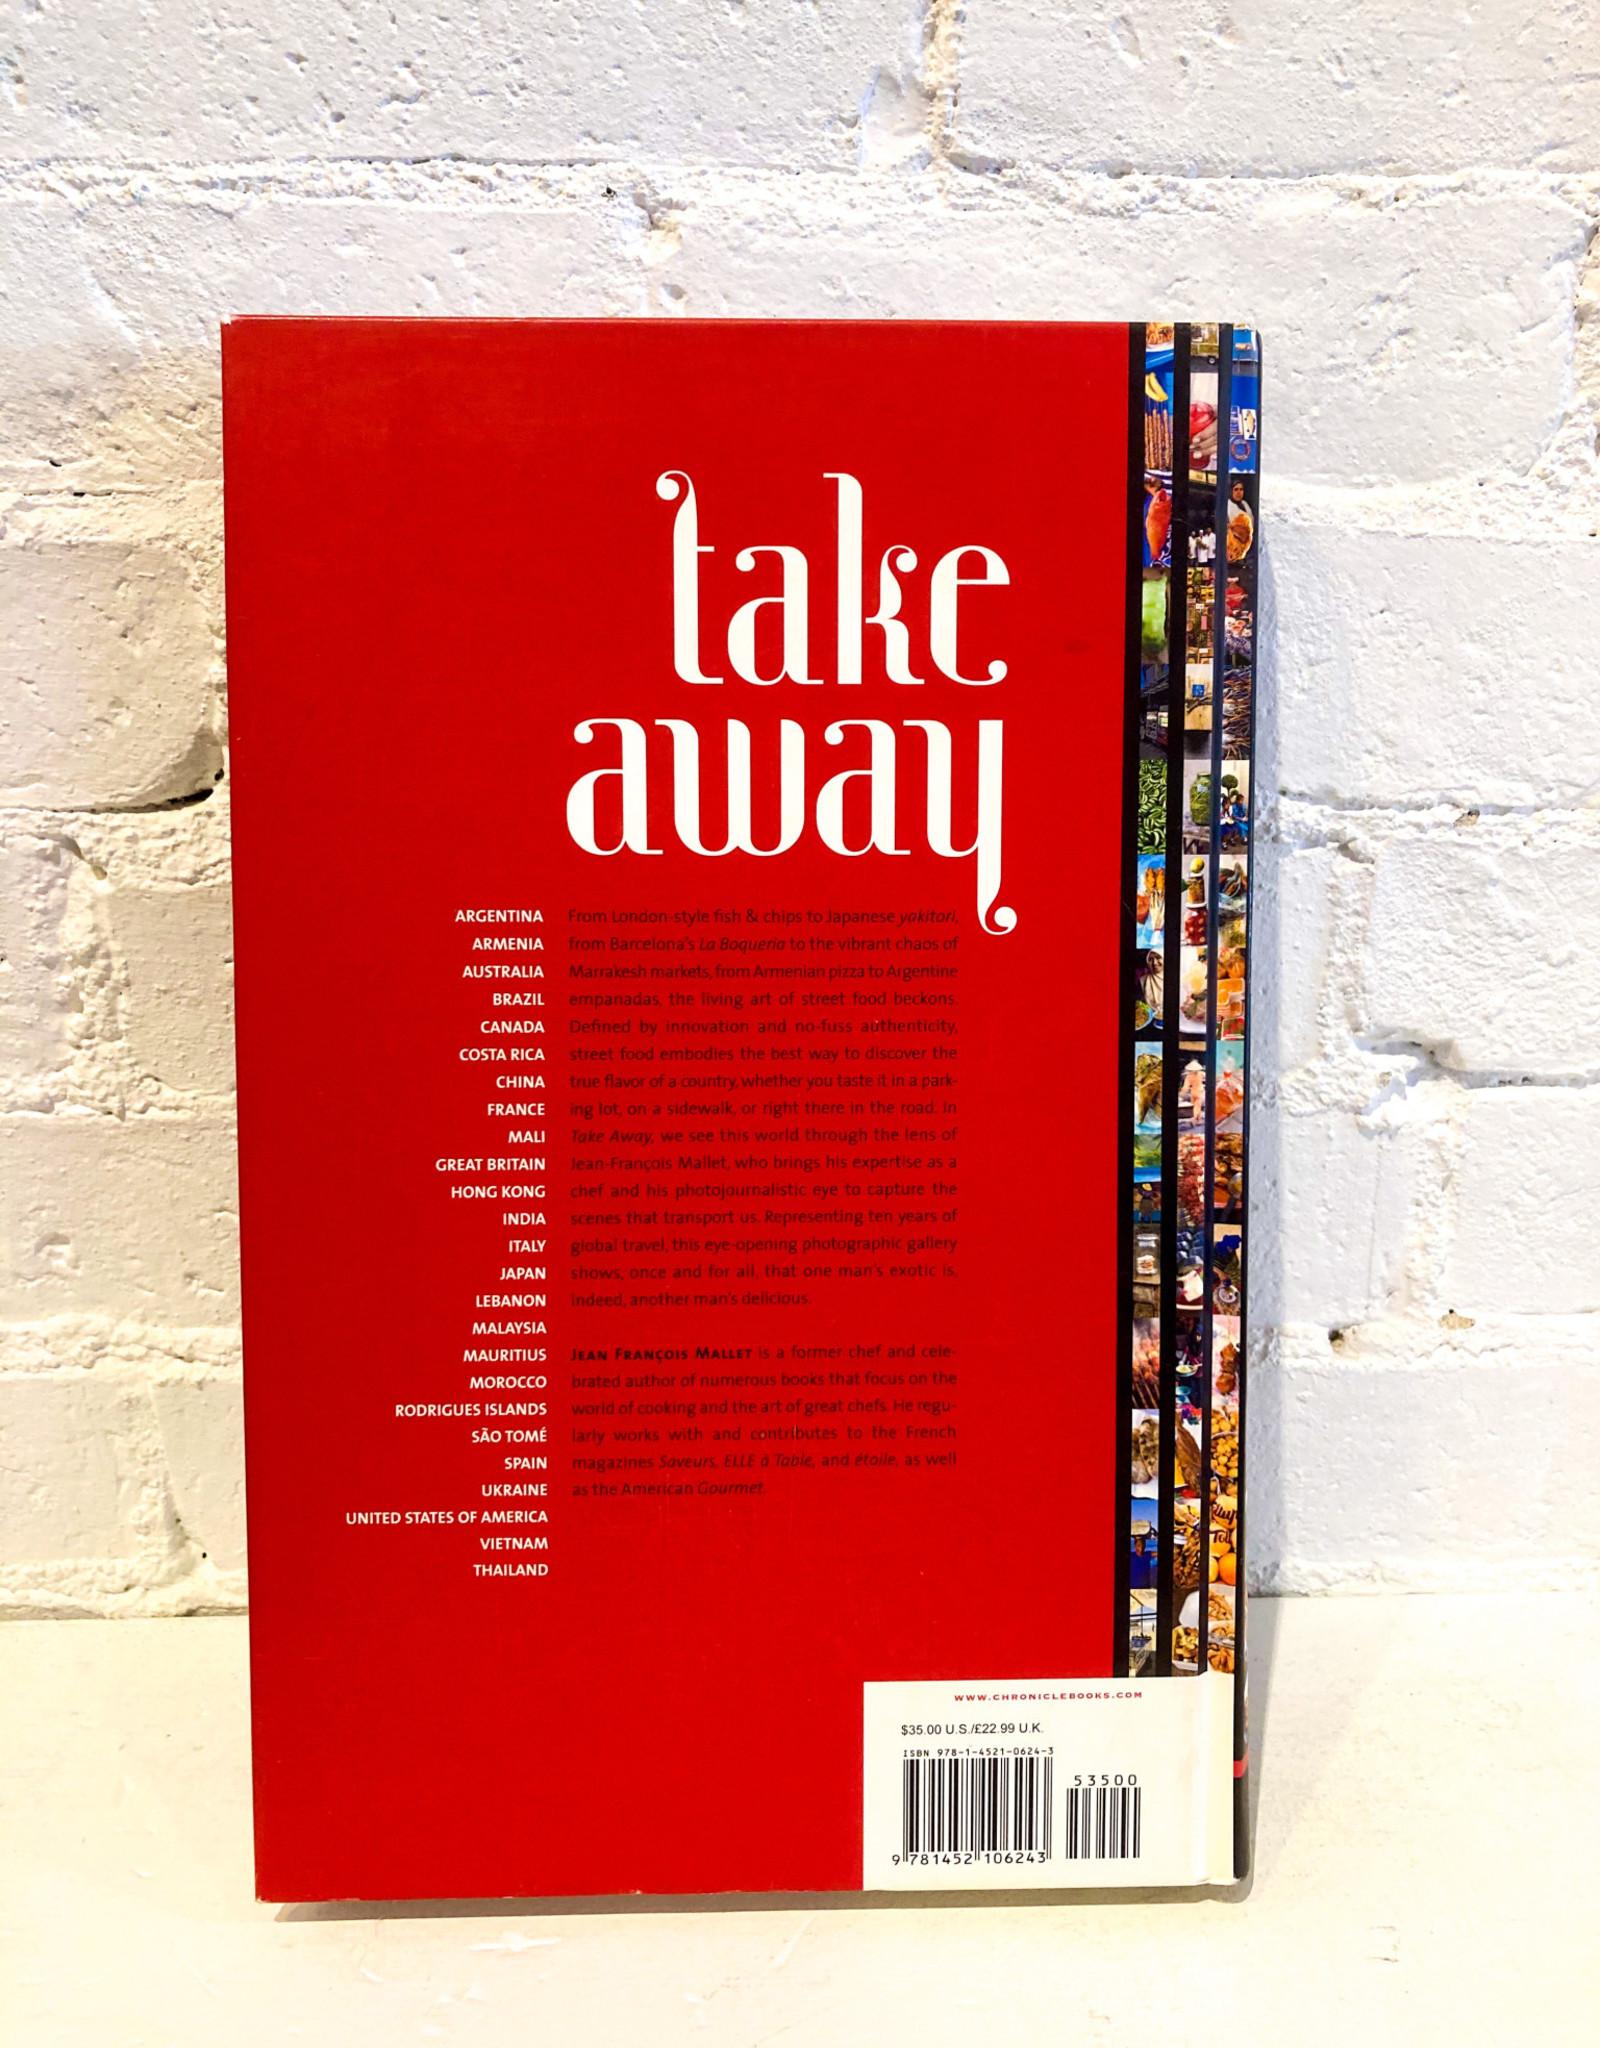 Take Away by Jean-François Mallet